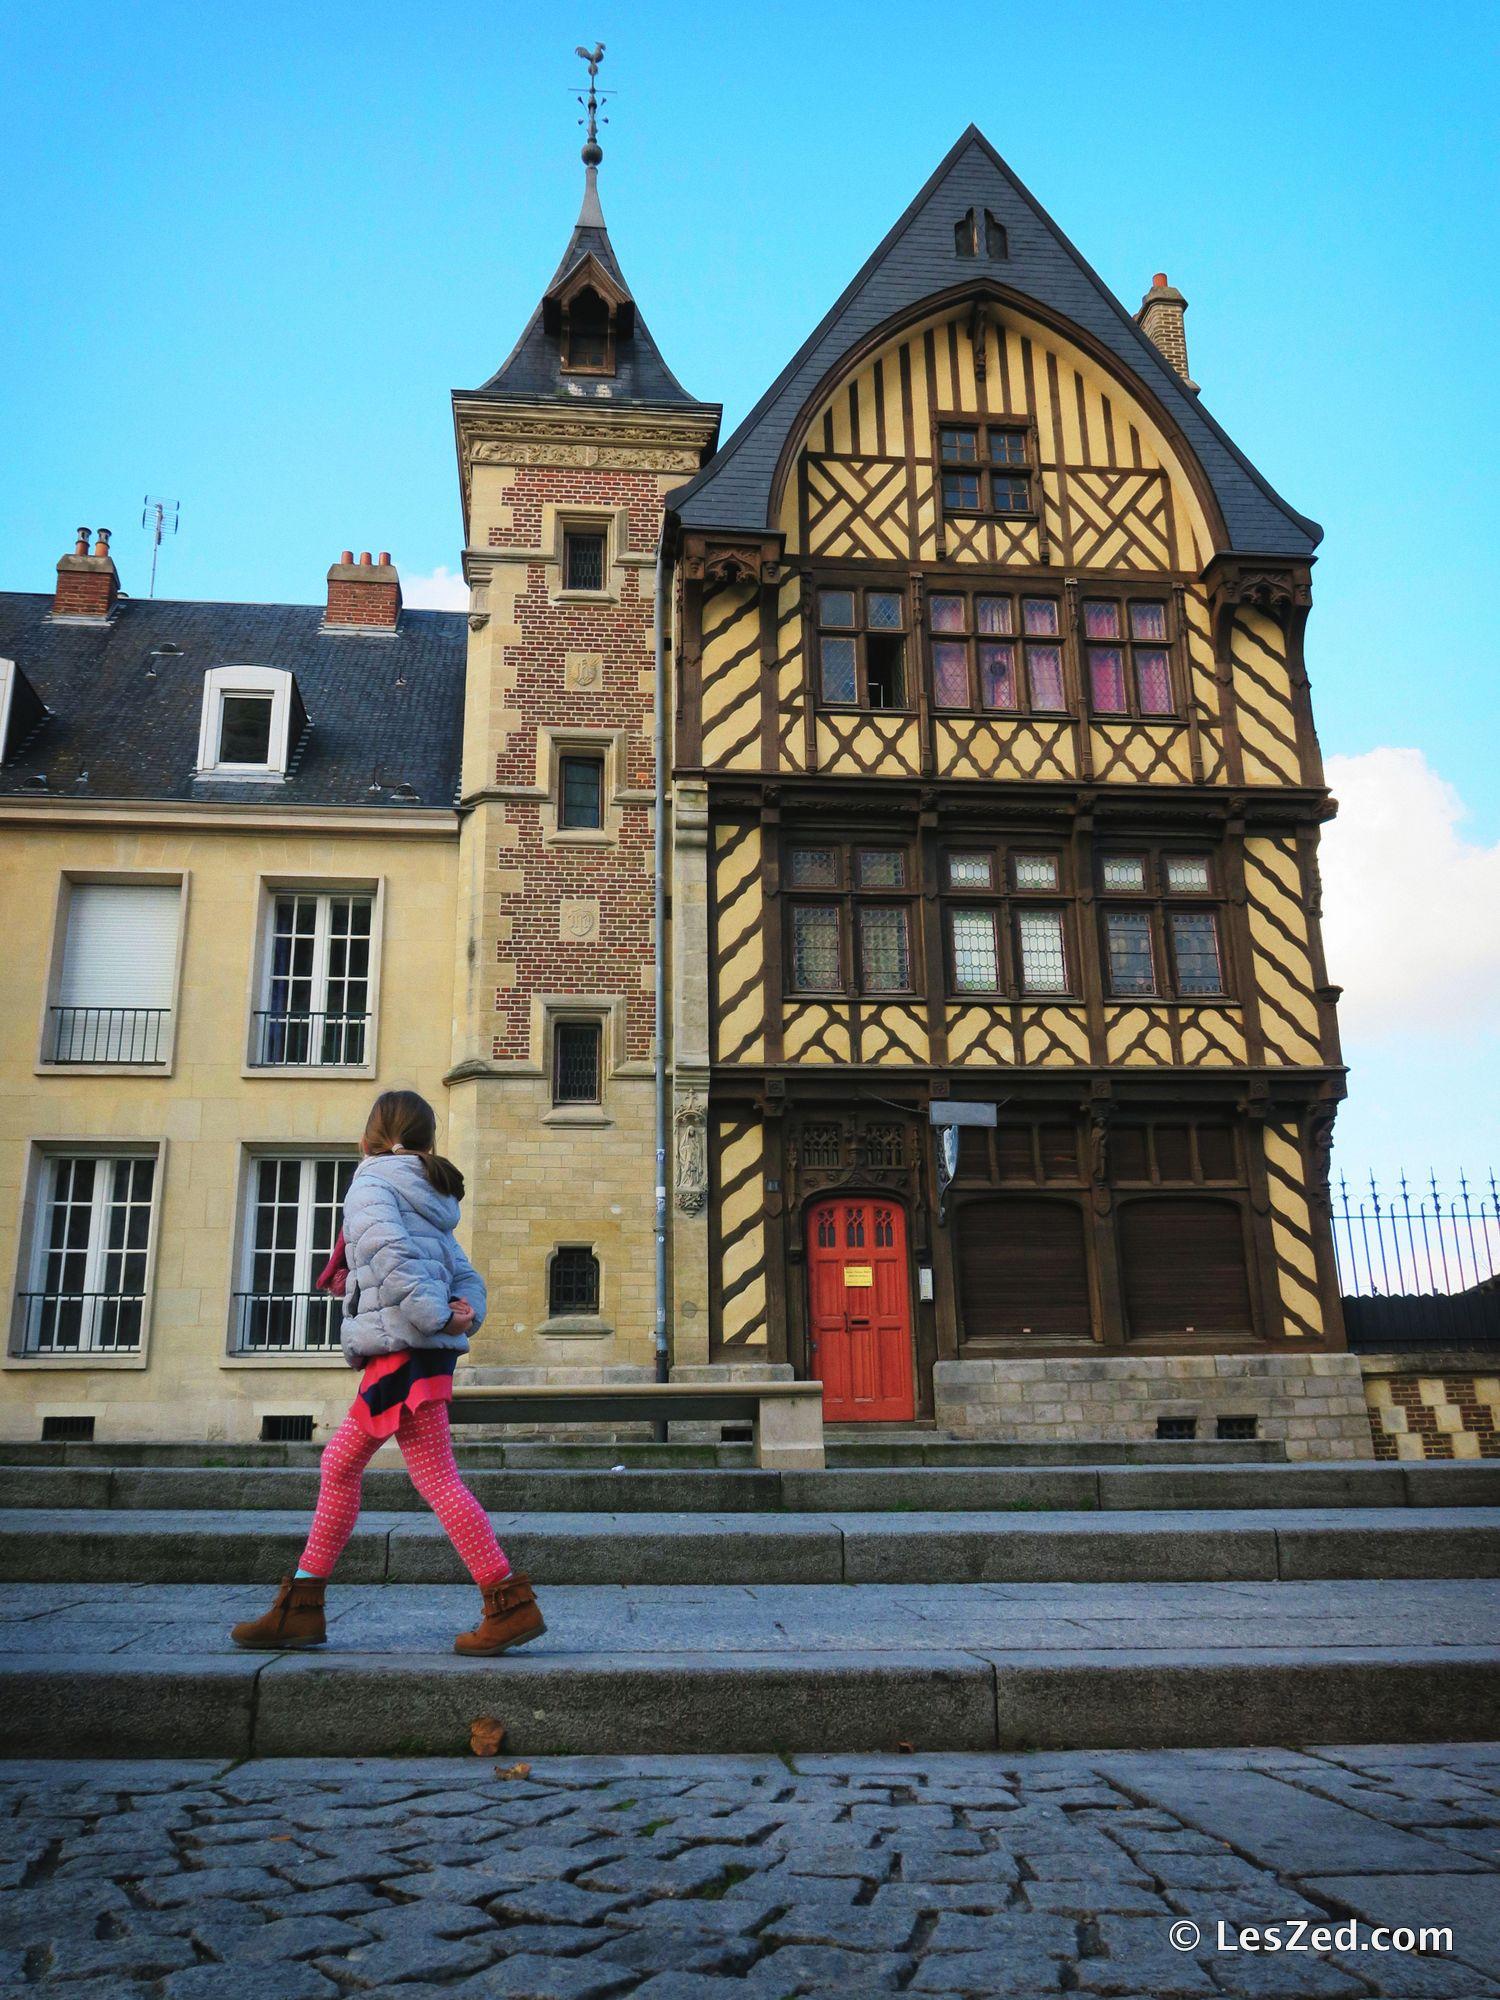 Maison à colombages d'Amiens